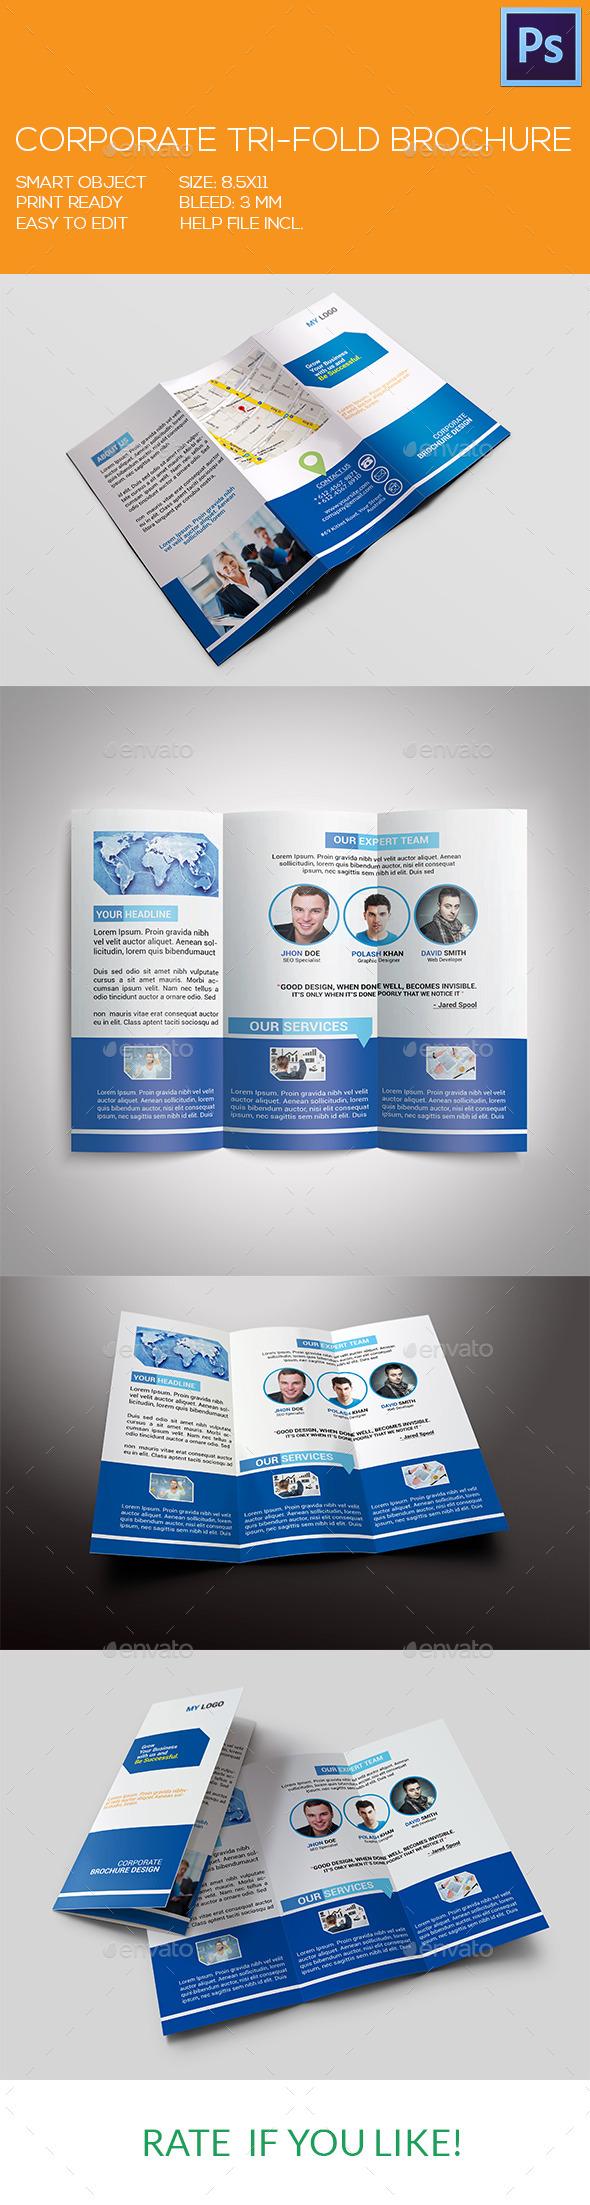 GraphicRiver Corporate Tri-Fold Brochure 9371191